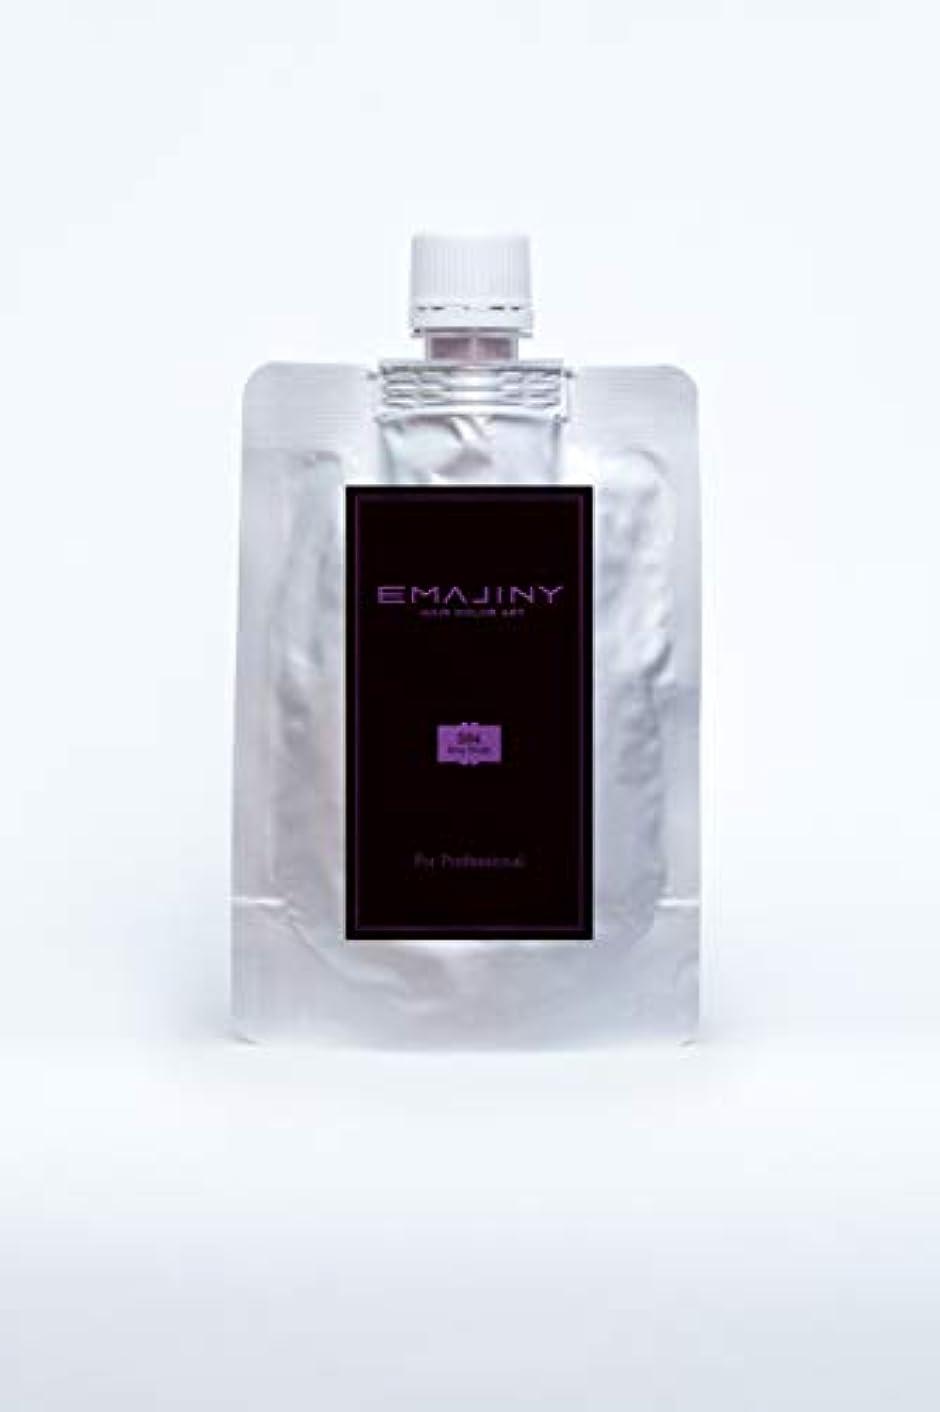 困惑した未亡人希望に満ちたEMAJINY Sexy Violet S84(ヴァイオレットカラーワックス)ヴァイオレットプロフェッショナル100g大容量パック【日本製】【無香料】